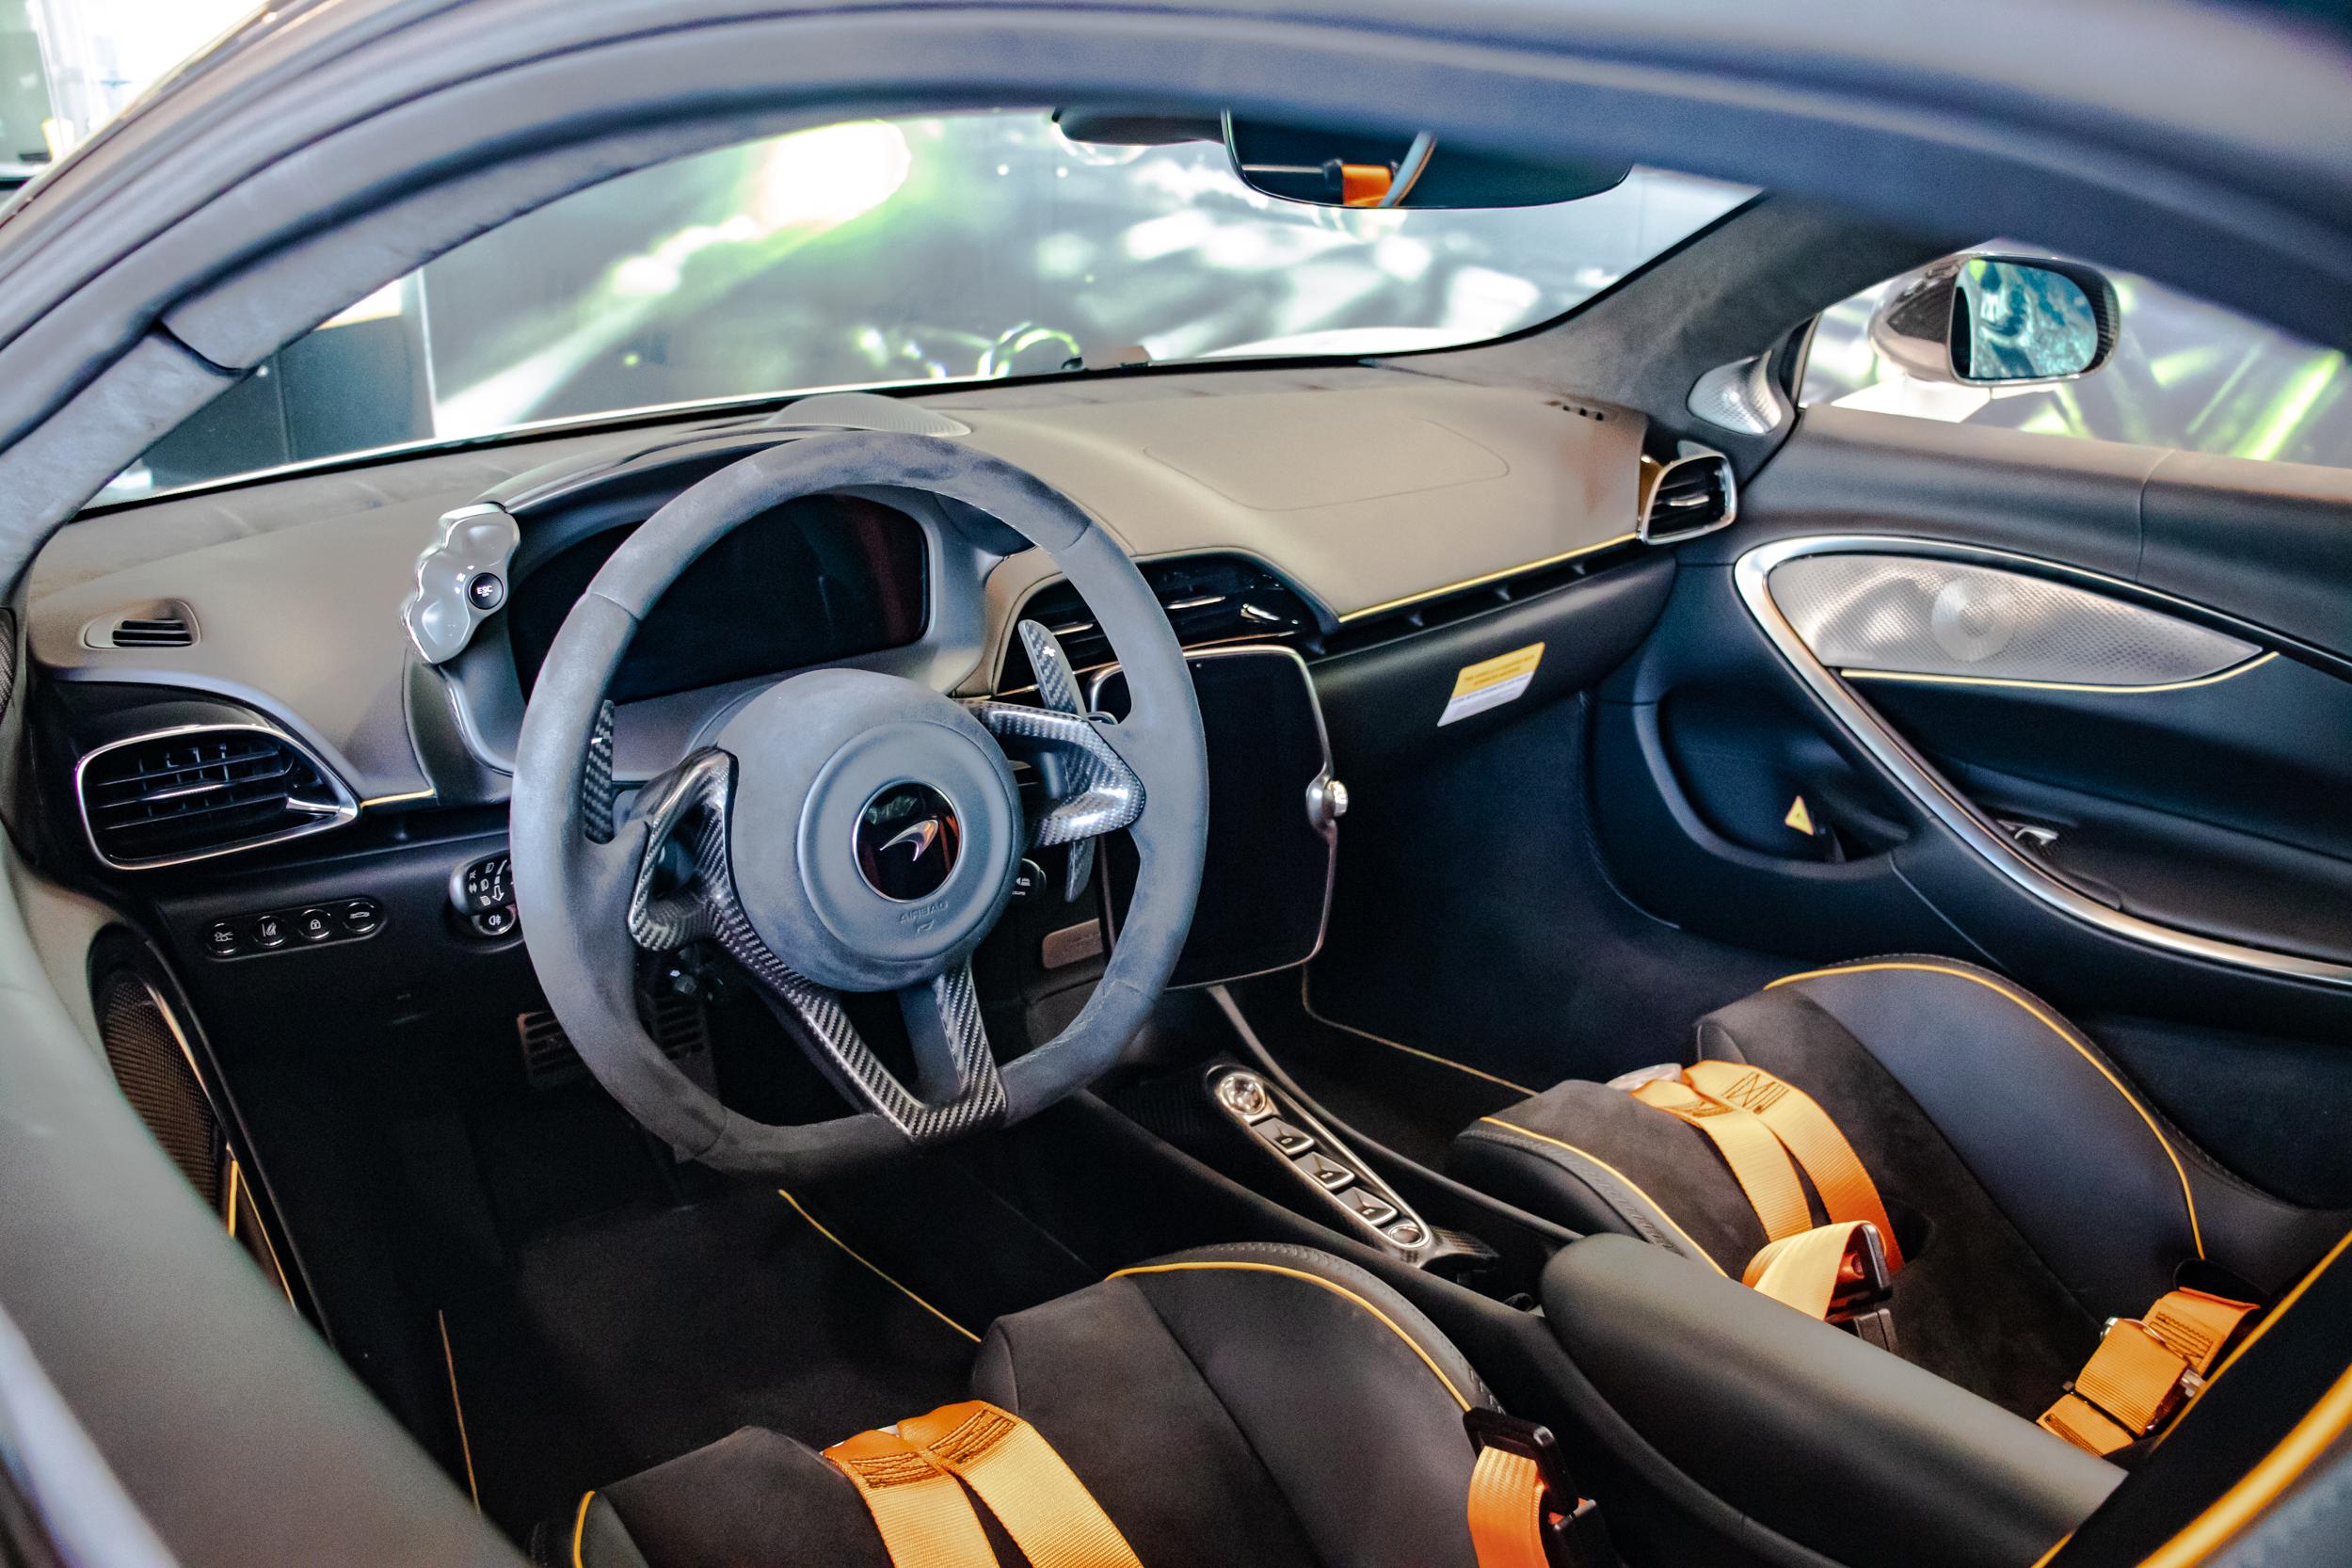 2021 McLaren Artura Interior